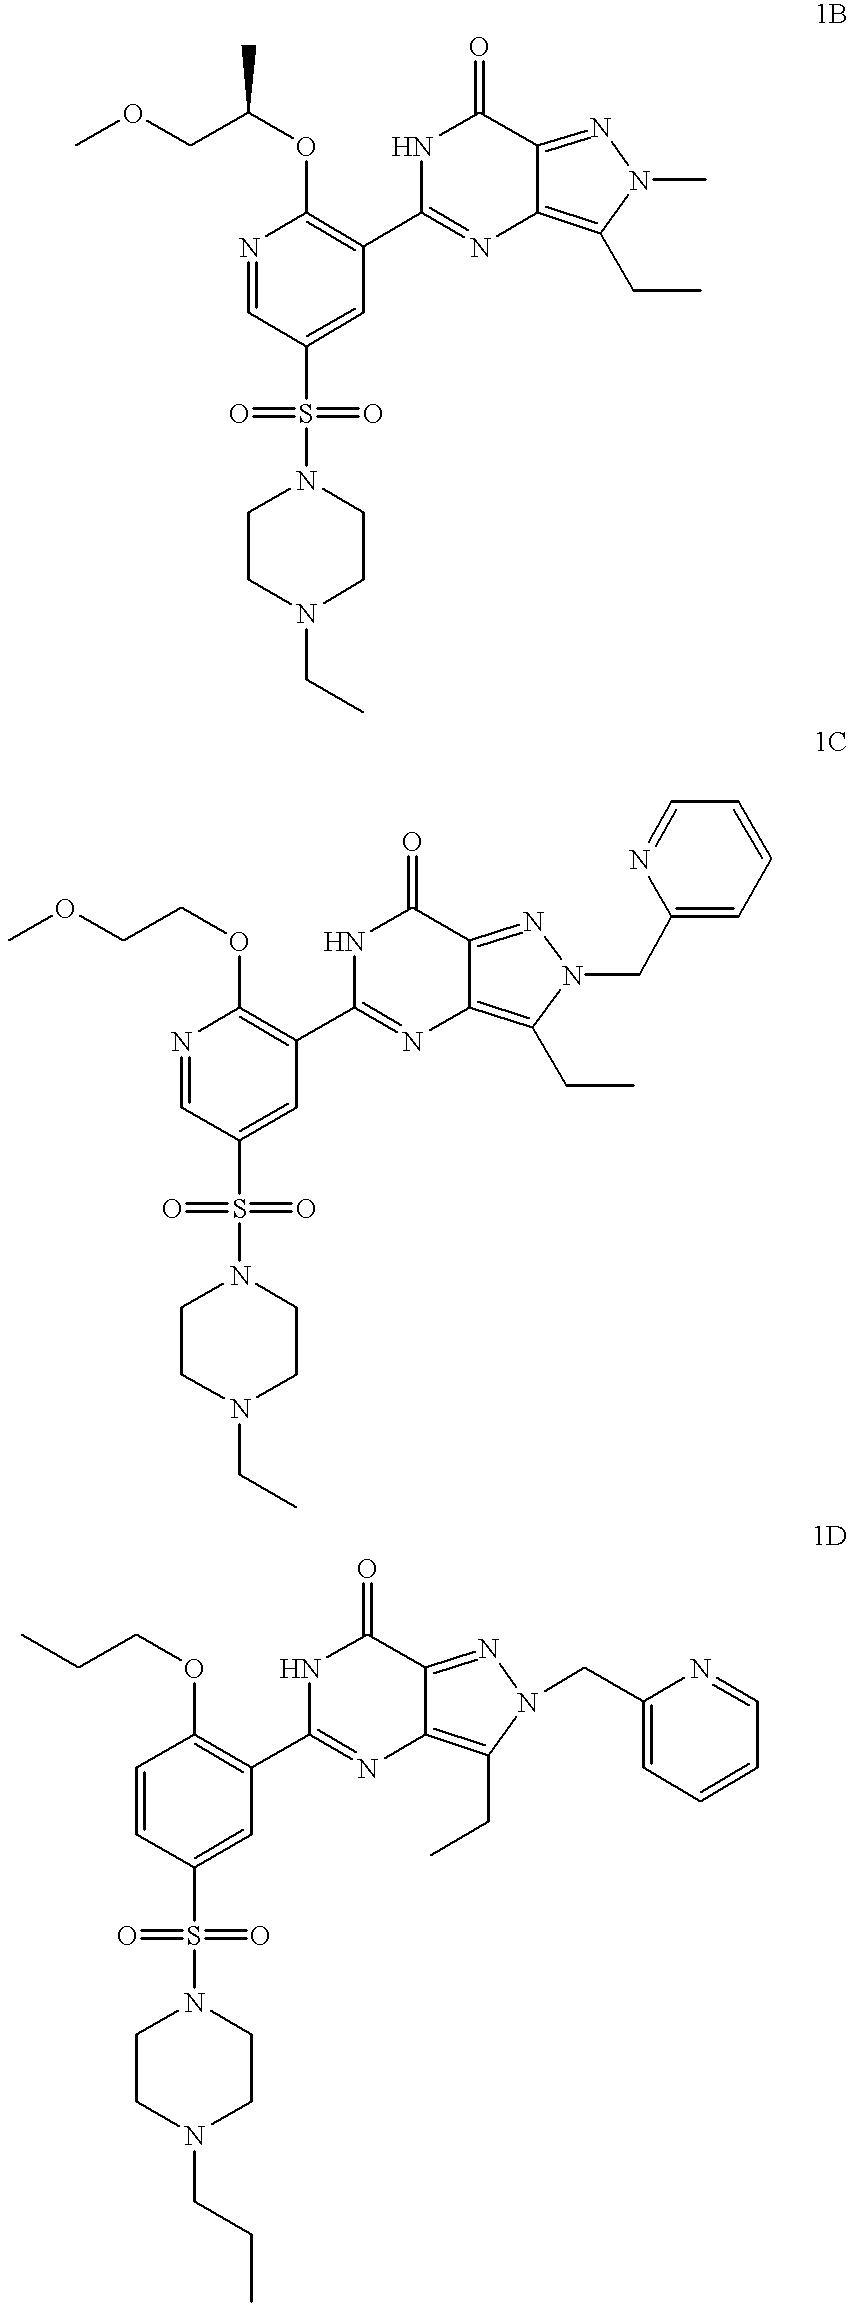 Figure US06407259-20020618-C00031